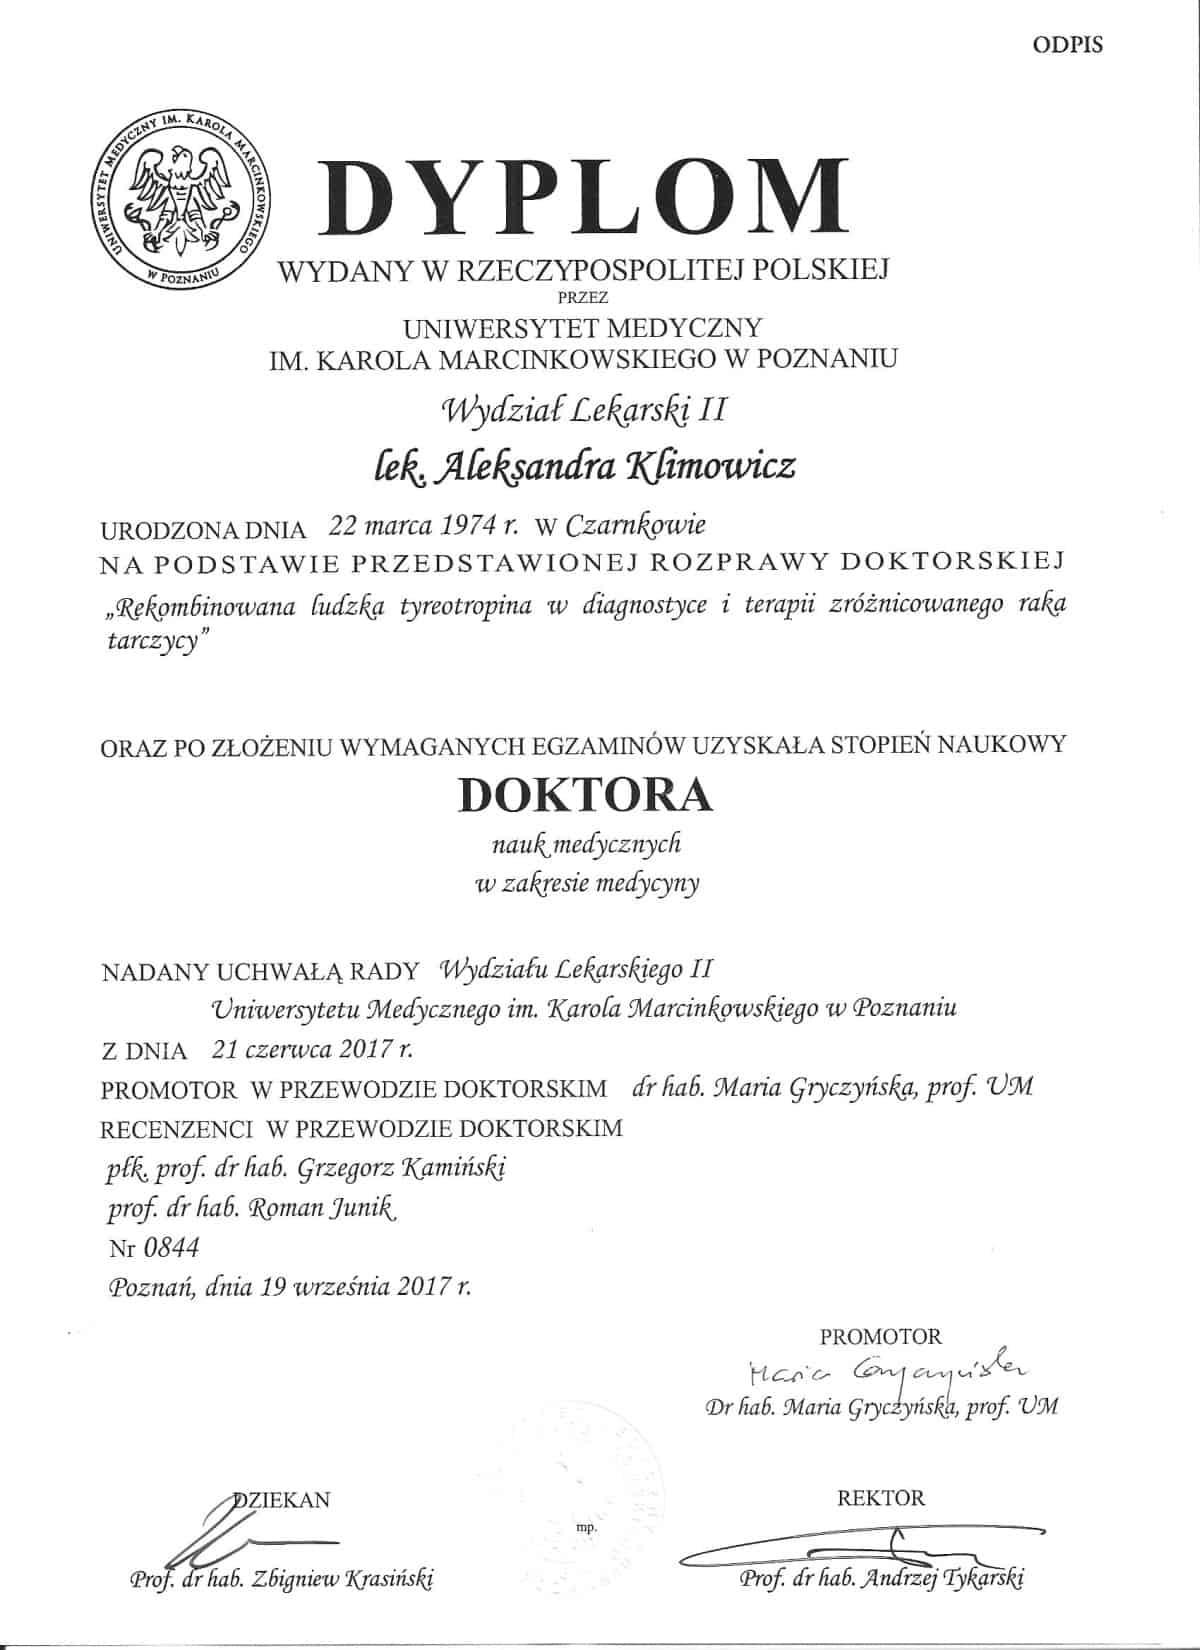 Aleksandra Klimowicz endokrynolog